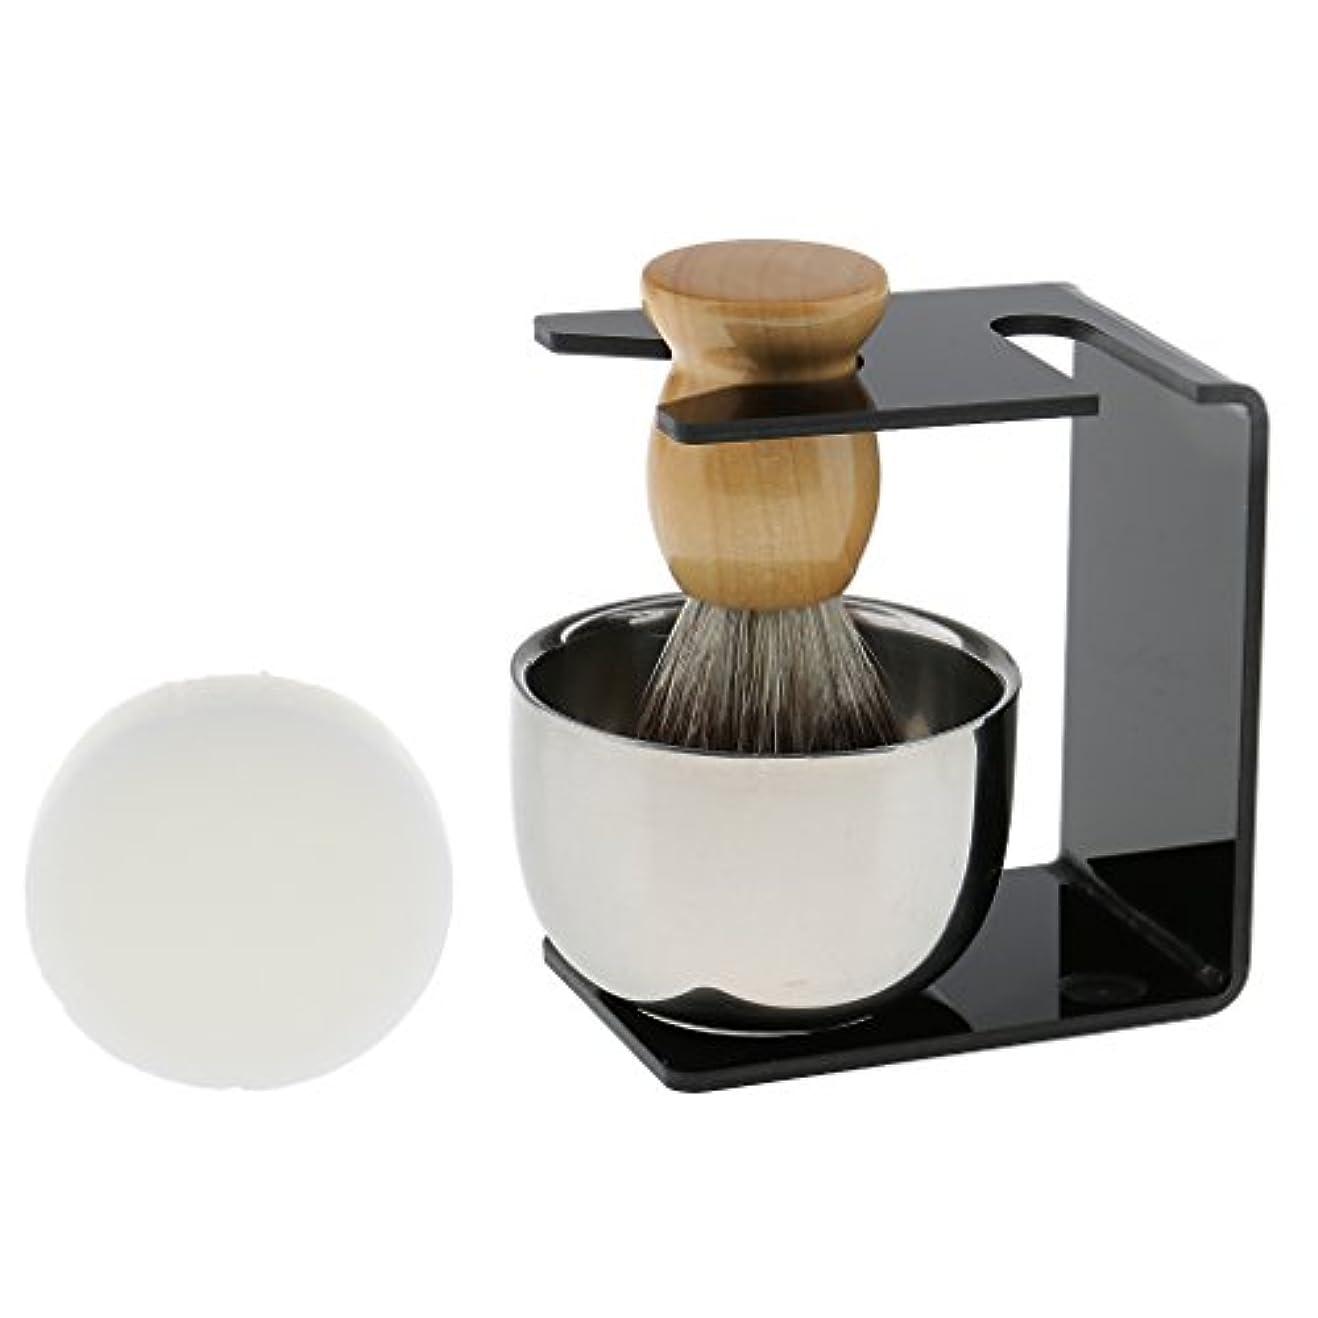 調子ポータル国民シェービングブラシセット ステンレス製スタンド ブラシ 石鹸 シェイプのマグカップ 髭剃り ひげ メンズ 4点セット